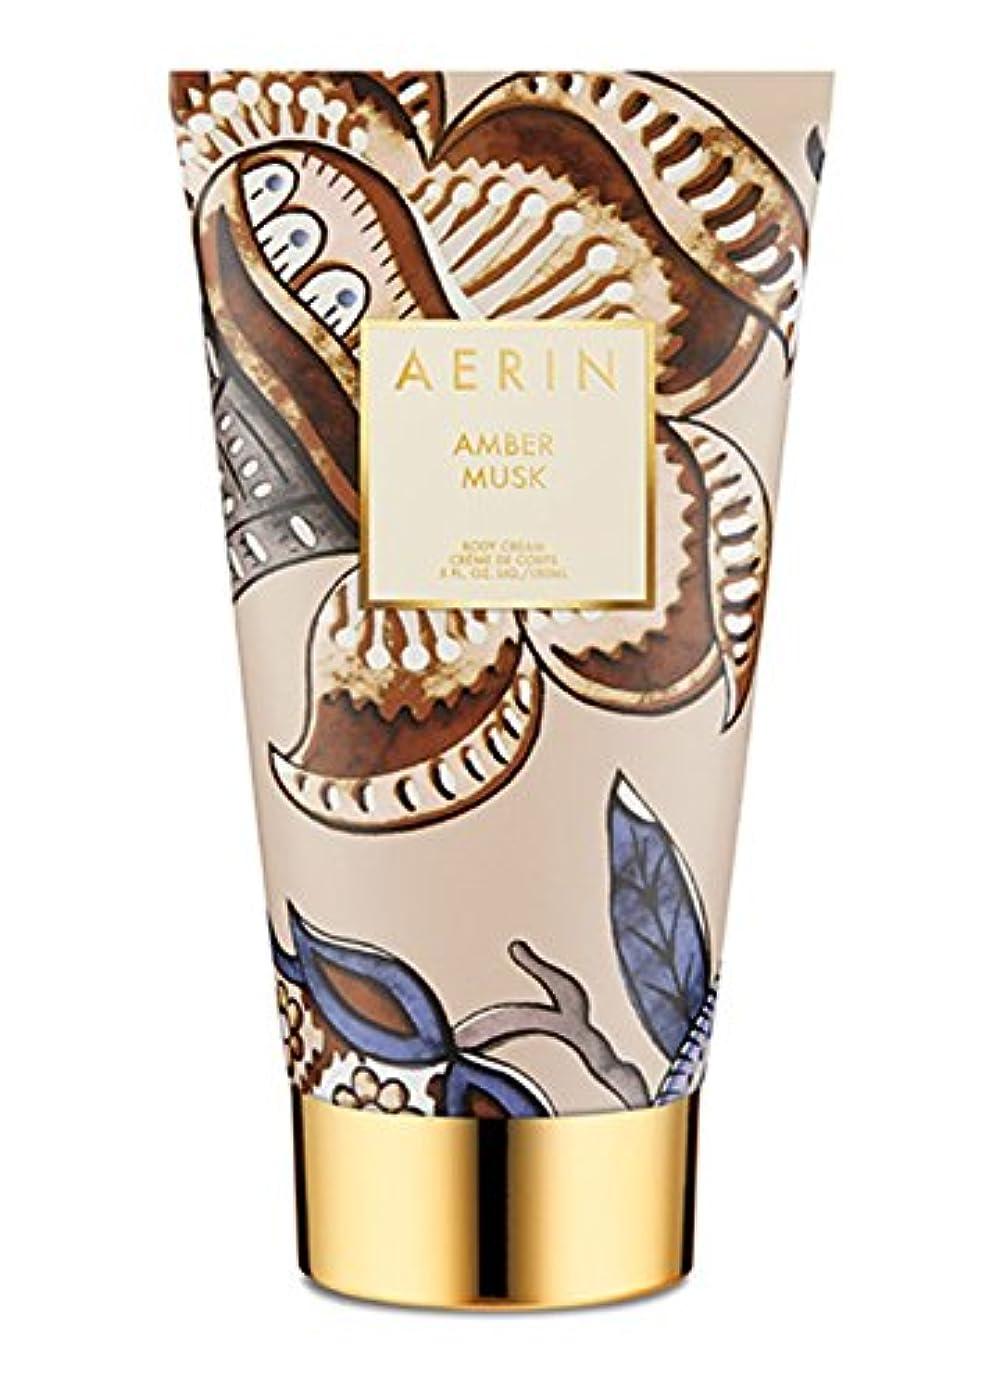 部門横向き指定するAERIN 'Amber Musk' (アエリン アンバームスク) 5.0 oz (150ml) Body Cream ボディークリーム by Estee Lauder for Women